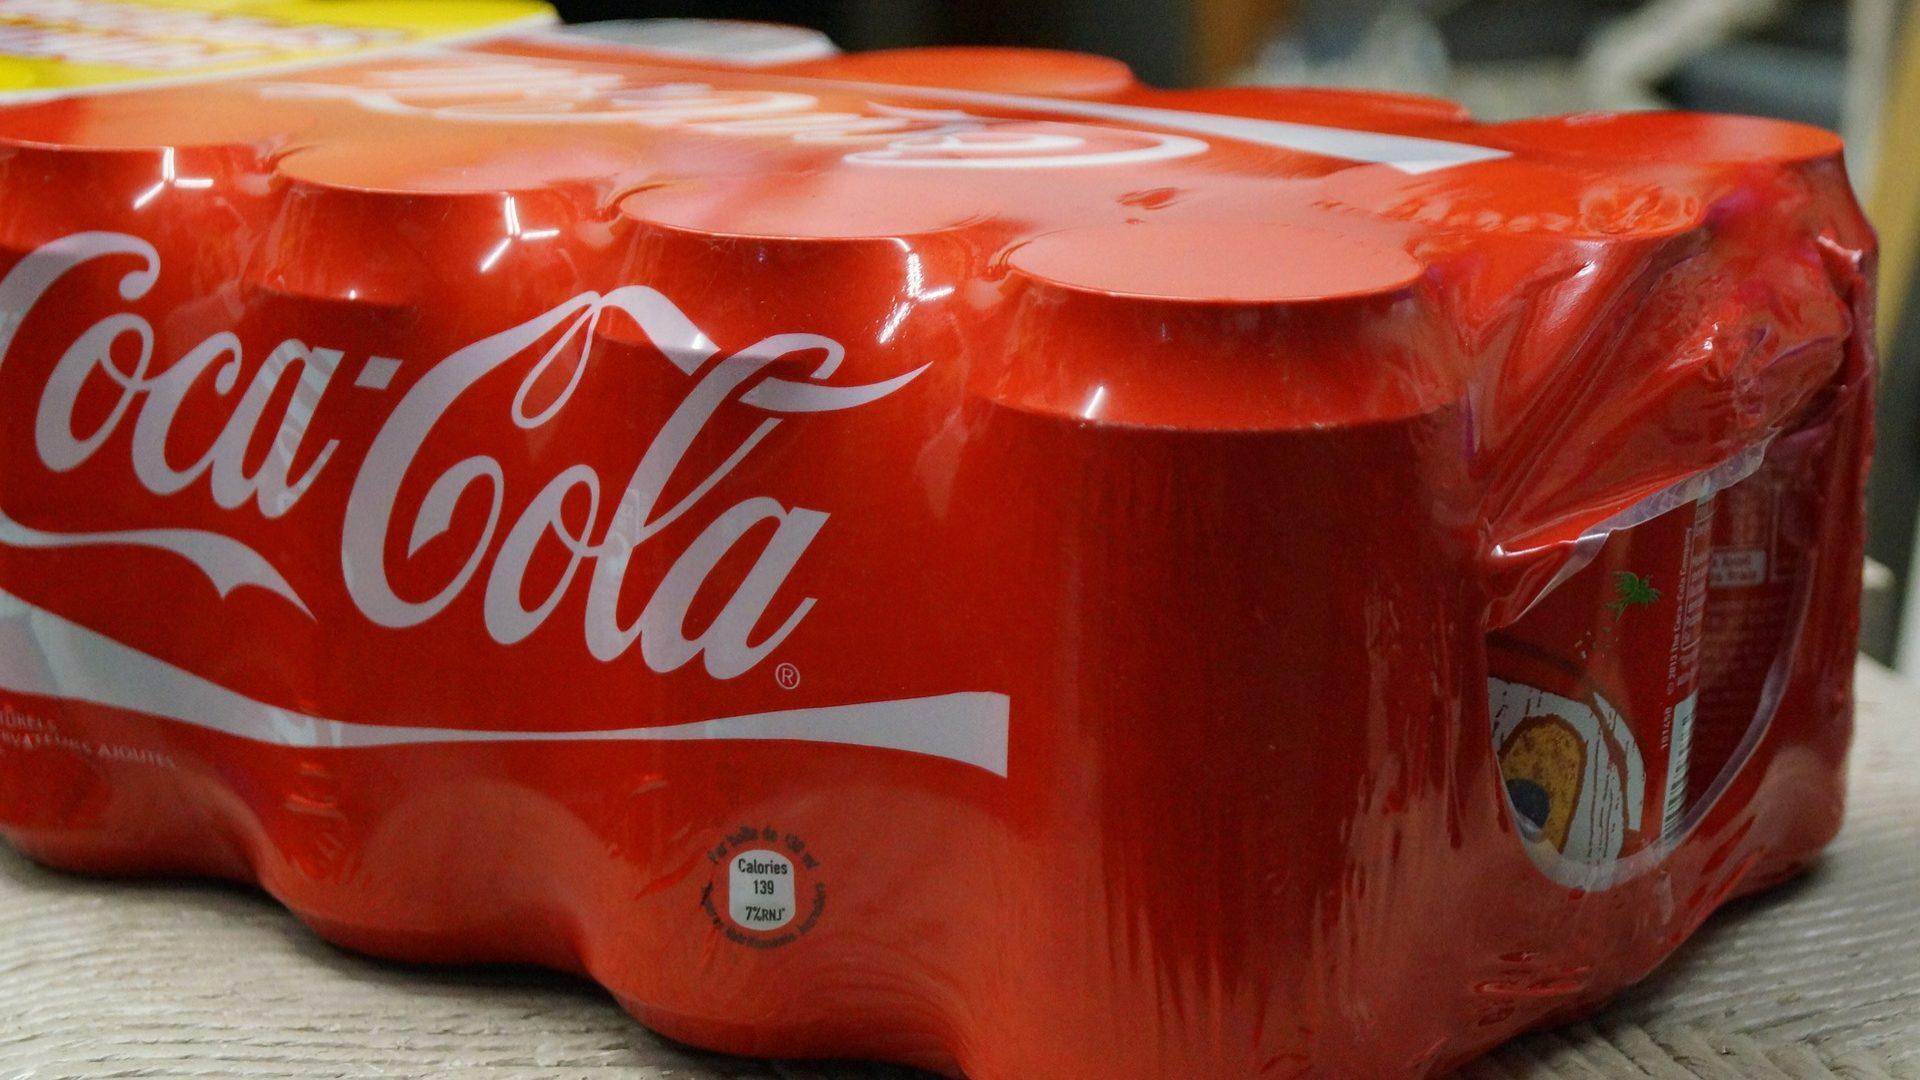 Coca-Cola contribui com 237 milhões para economia portuguesa